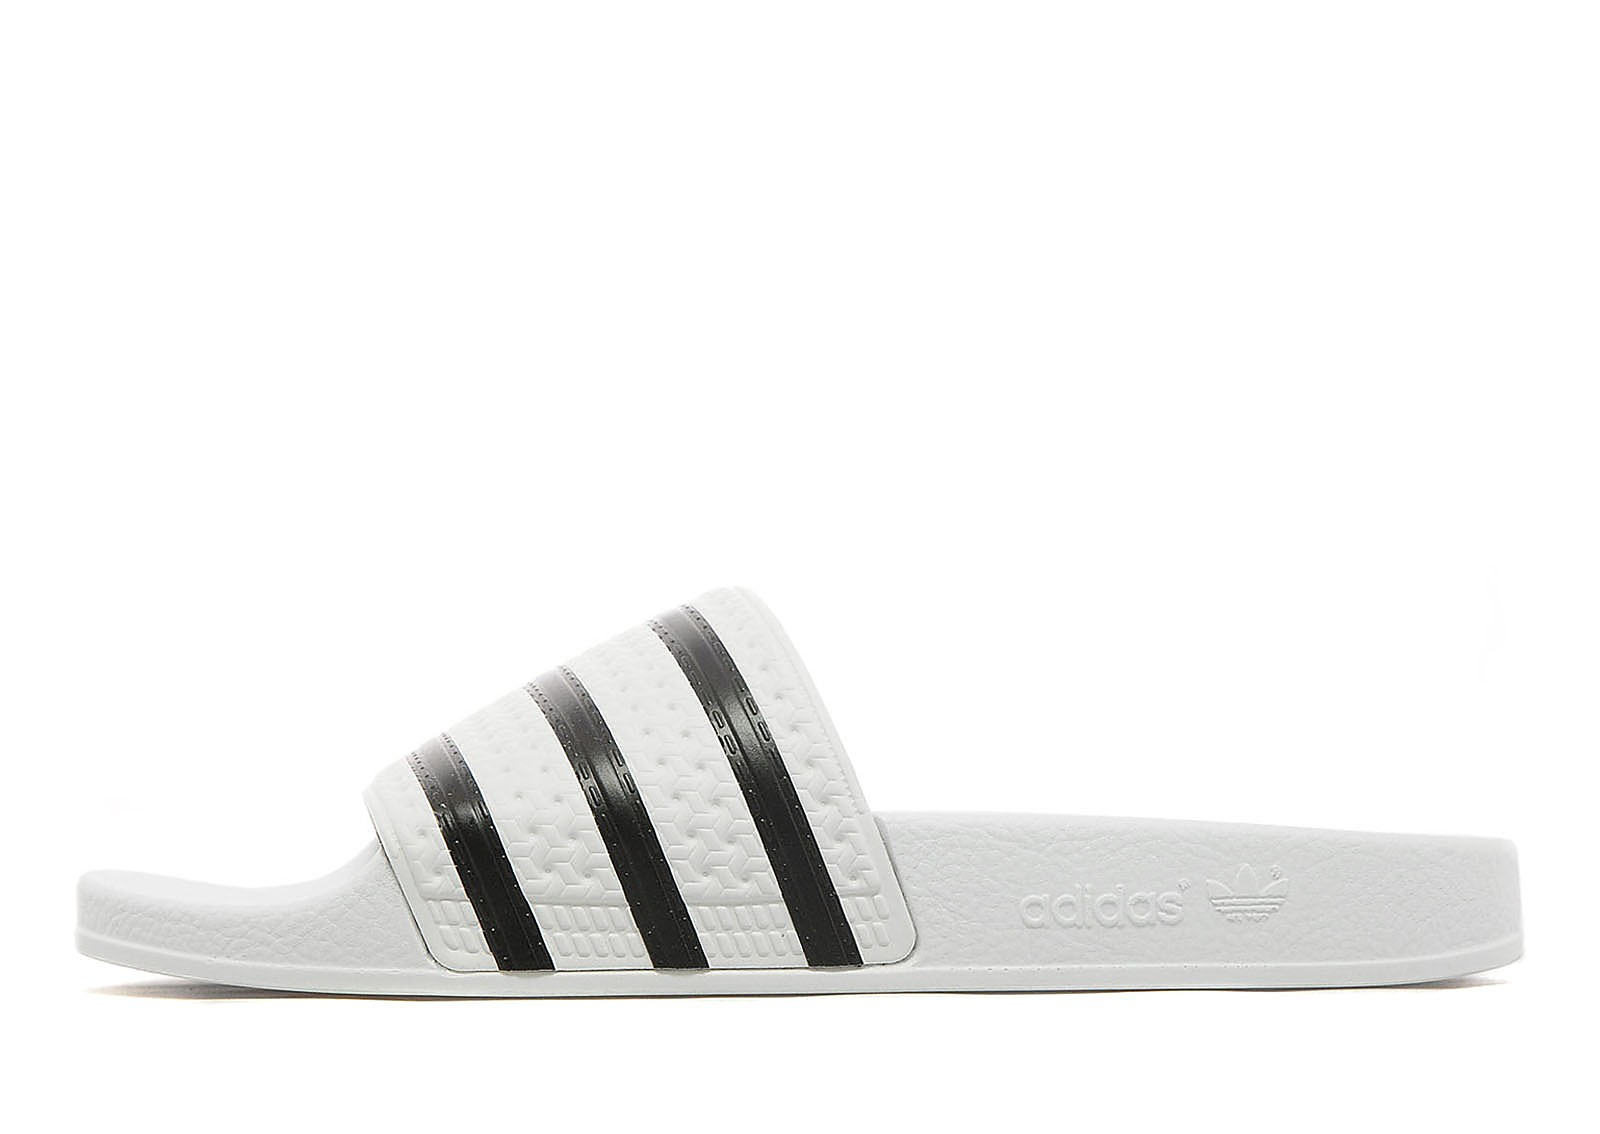 adidas Originals Adilette Slides Heren - Wit - Heren